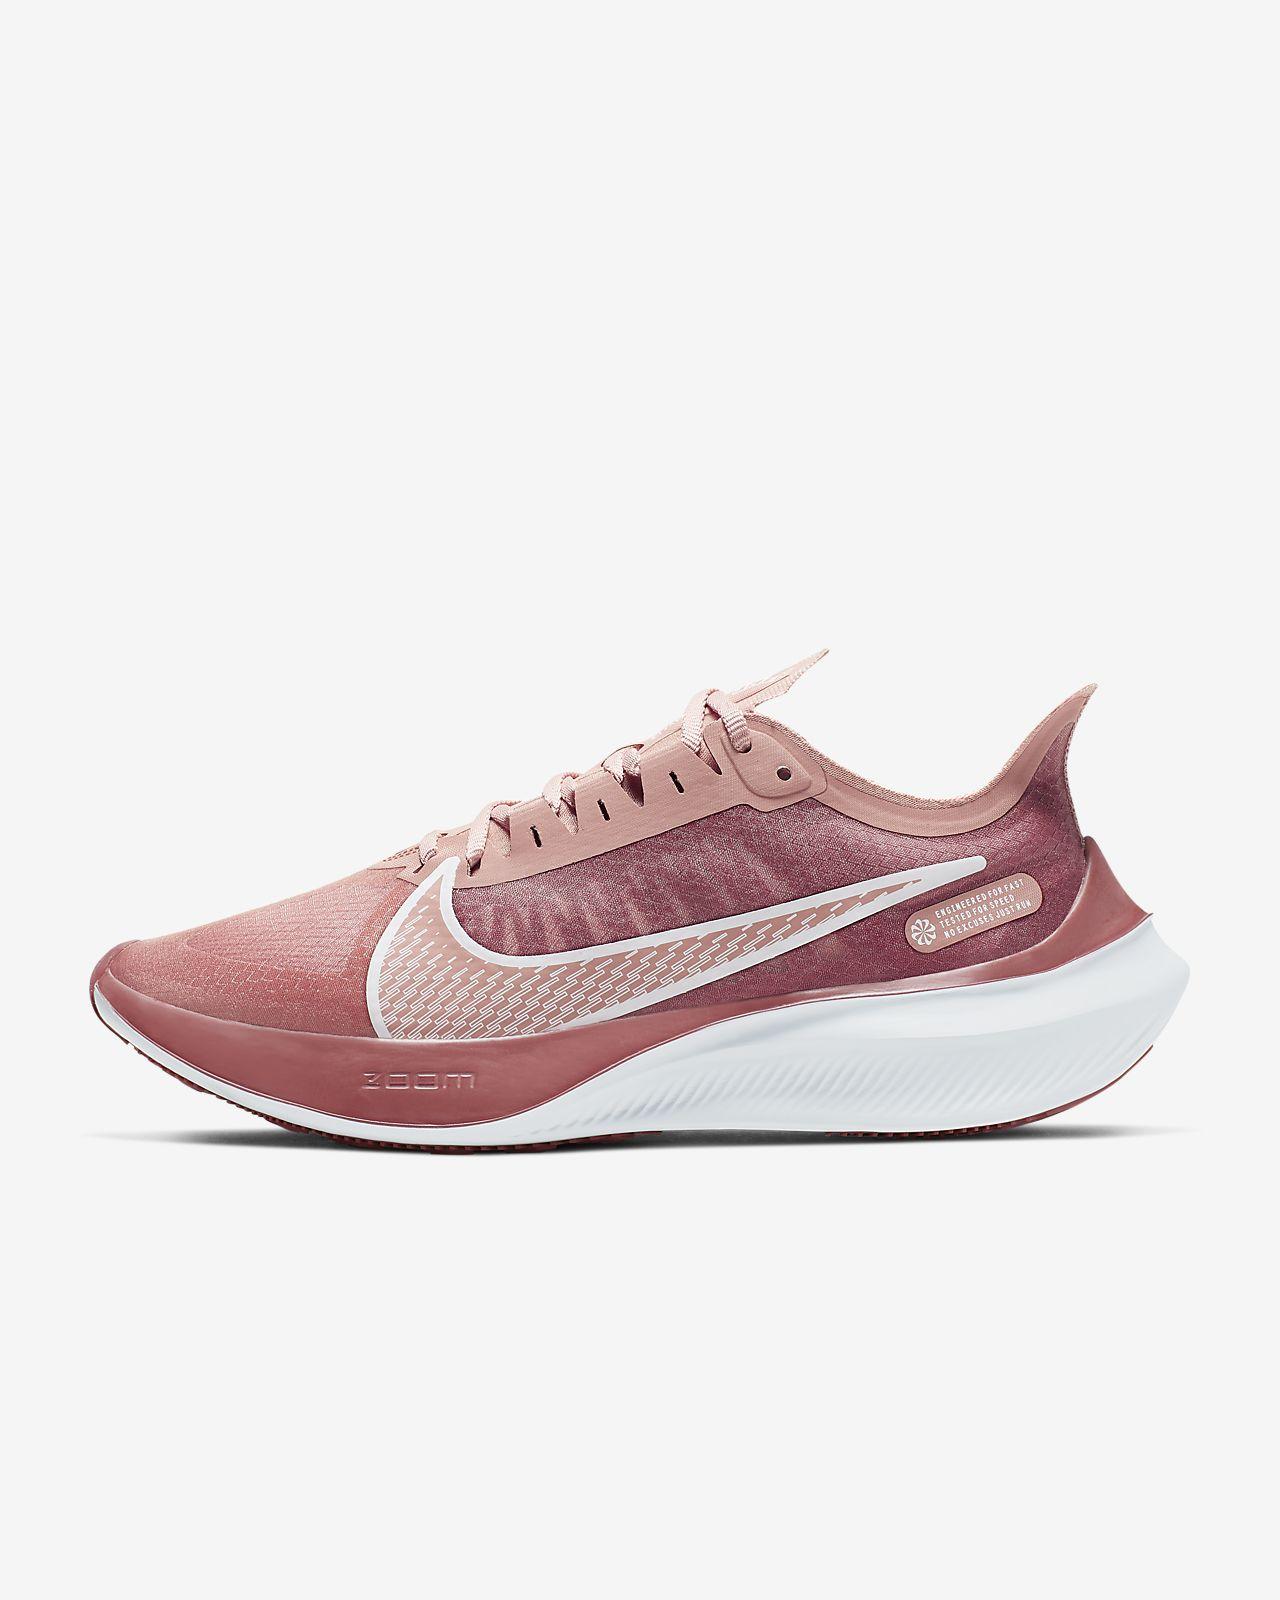 Nike Zoom Gravity Women's Running Shoe